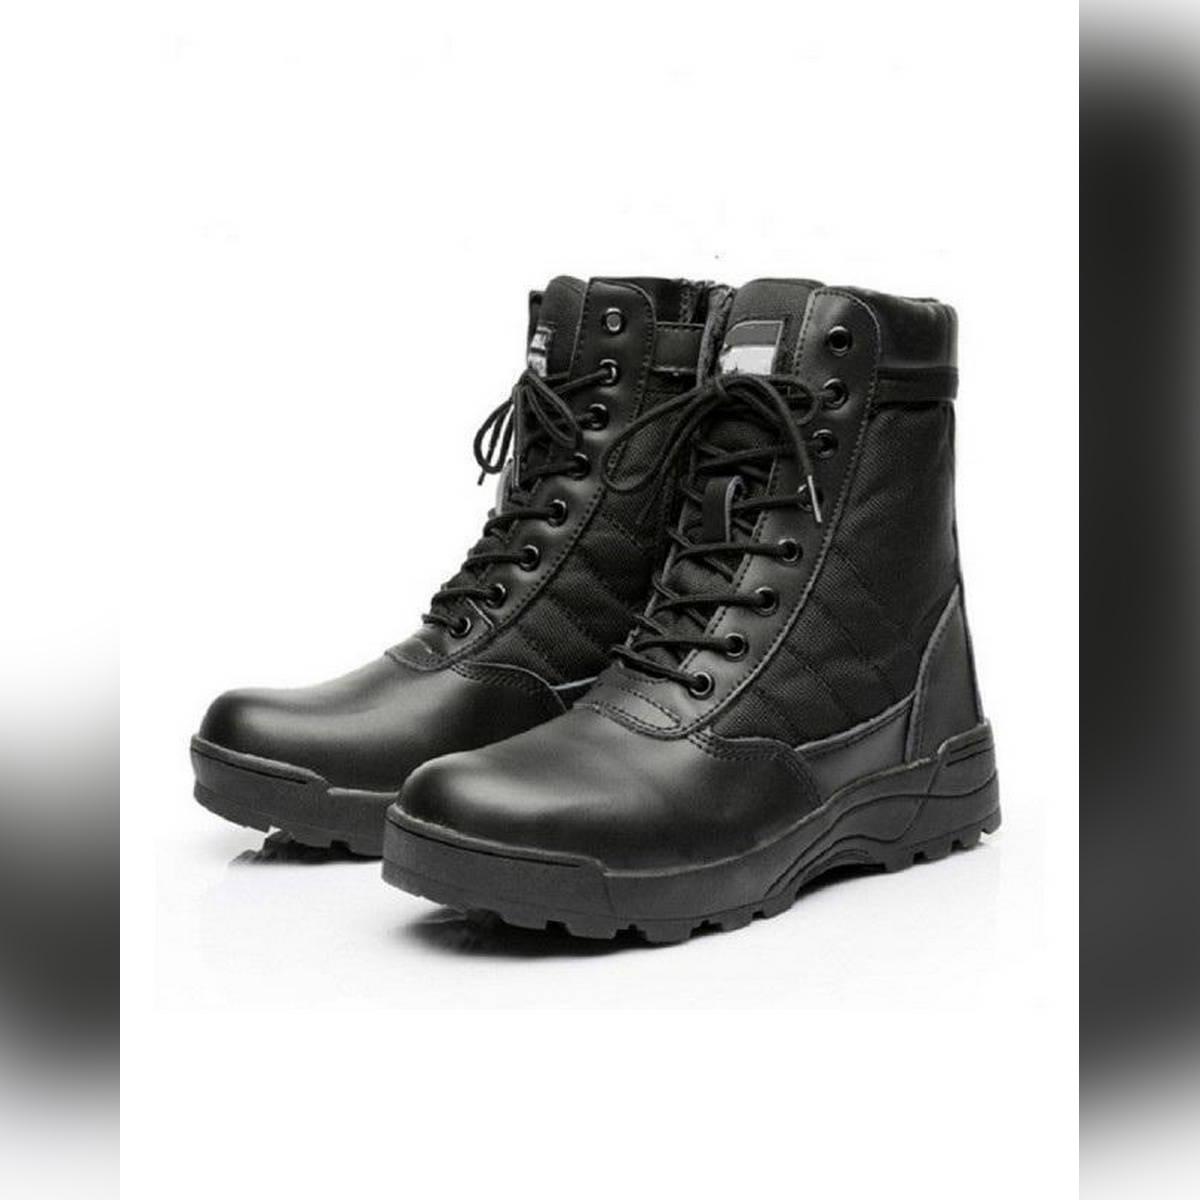 Black Delta Shoes For Men